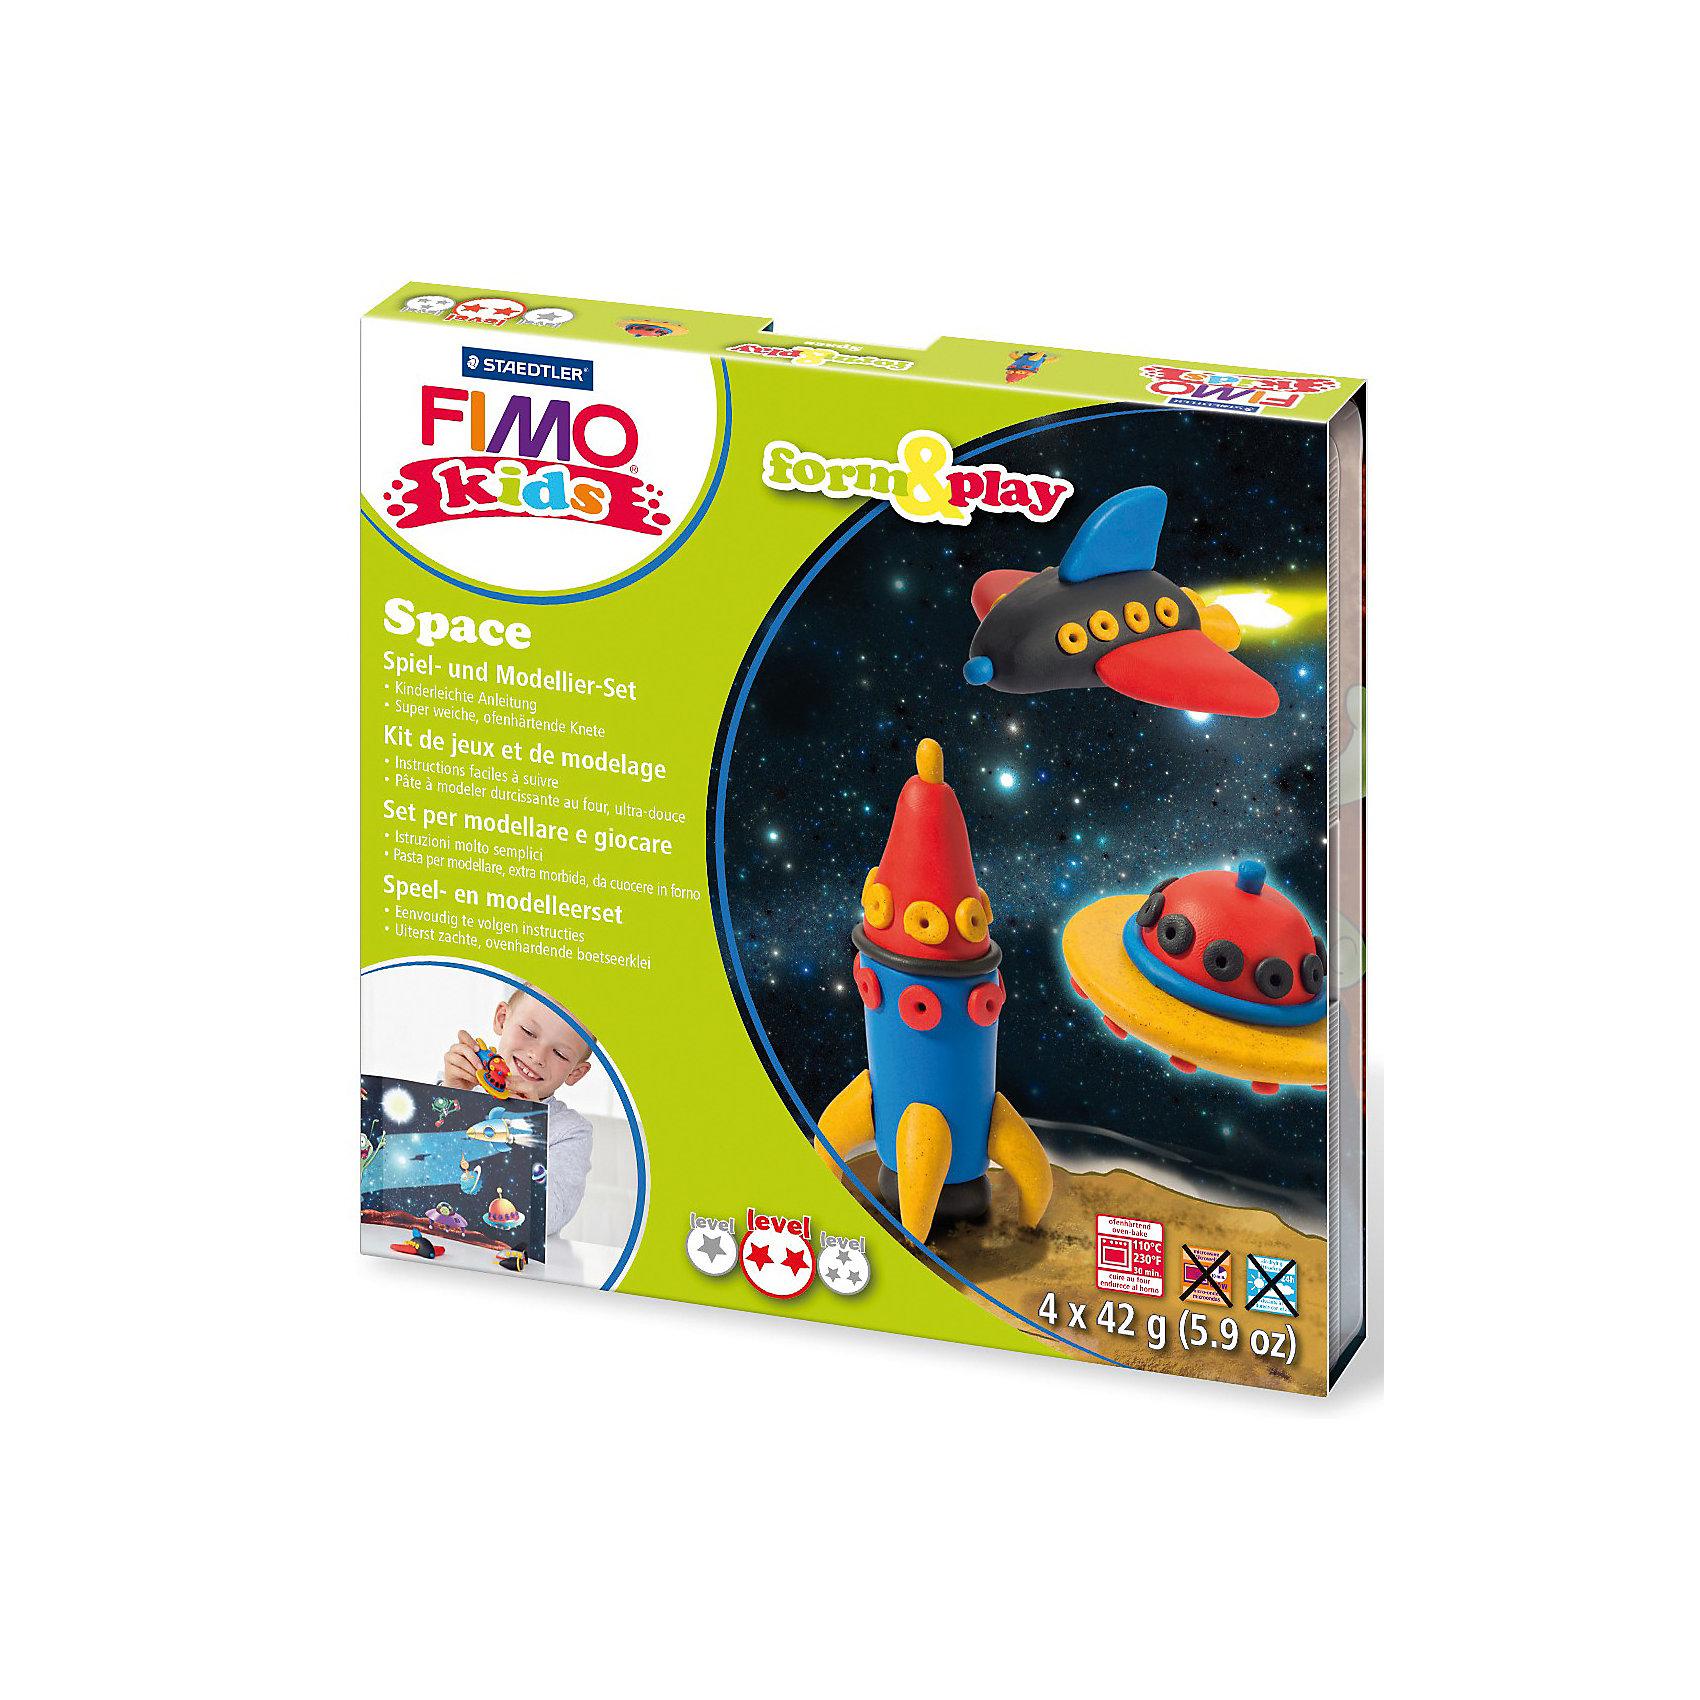 Набор для создания украшений КосмосНаборы полимерной глины<br>Серия Form&amp;play представляет собой сочетание моделирование и игры. Основная концепция включает простые и хорошо понятные формы, инструкции в соответствии с уровнем сложности и полимерную глину, разработанную специально для детей. Игровая фоновая сцена, изображенная на внутренней стороне упаковки, не только доставит дополнительное удовольствие от игры, но и вдохновит на новые идеи моделирования.<br>FIMO kids form&amp;play детский набор Космос - содержит: 4 блока по 42 г (красный, синий, черный, блестящий золотой), стек для моделирования, пошаговые инструкции, игровая сцена. Уровень сложности 2.<br><br>Ширина мм: 158<br>Глубина мм: 157<br>Высота мм: 22<br>Вес г: 255<br>Возраст от месяцев: 60<br>Возраст до месяцев: 96<br>Пол: Унисекс<br>Возраст: Детский<br>SKU: 3608630